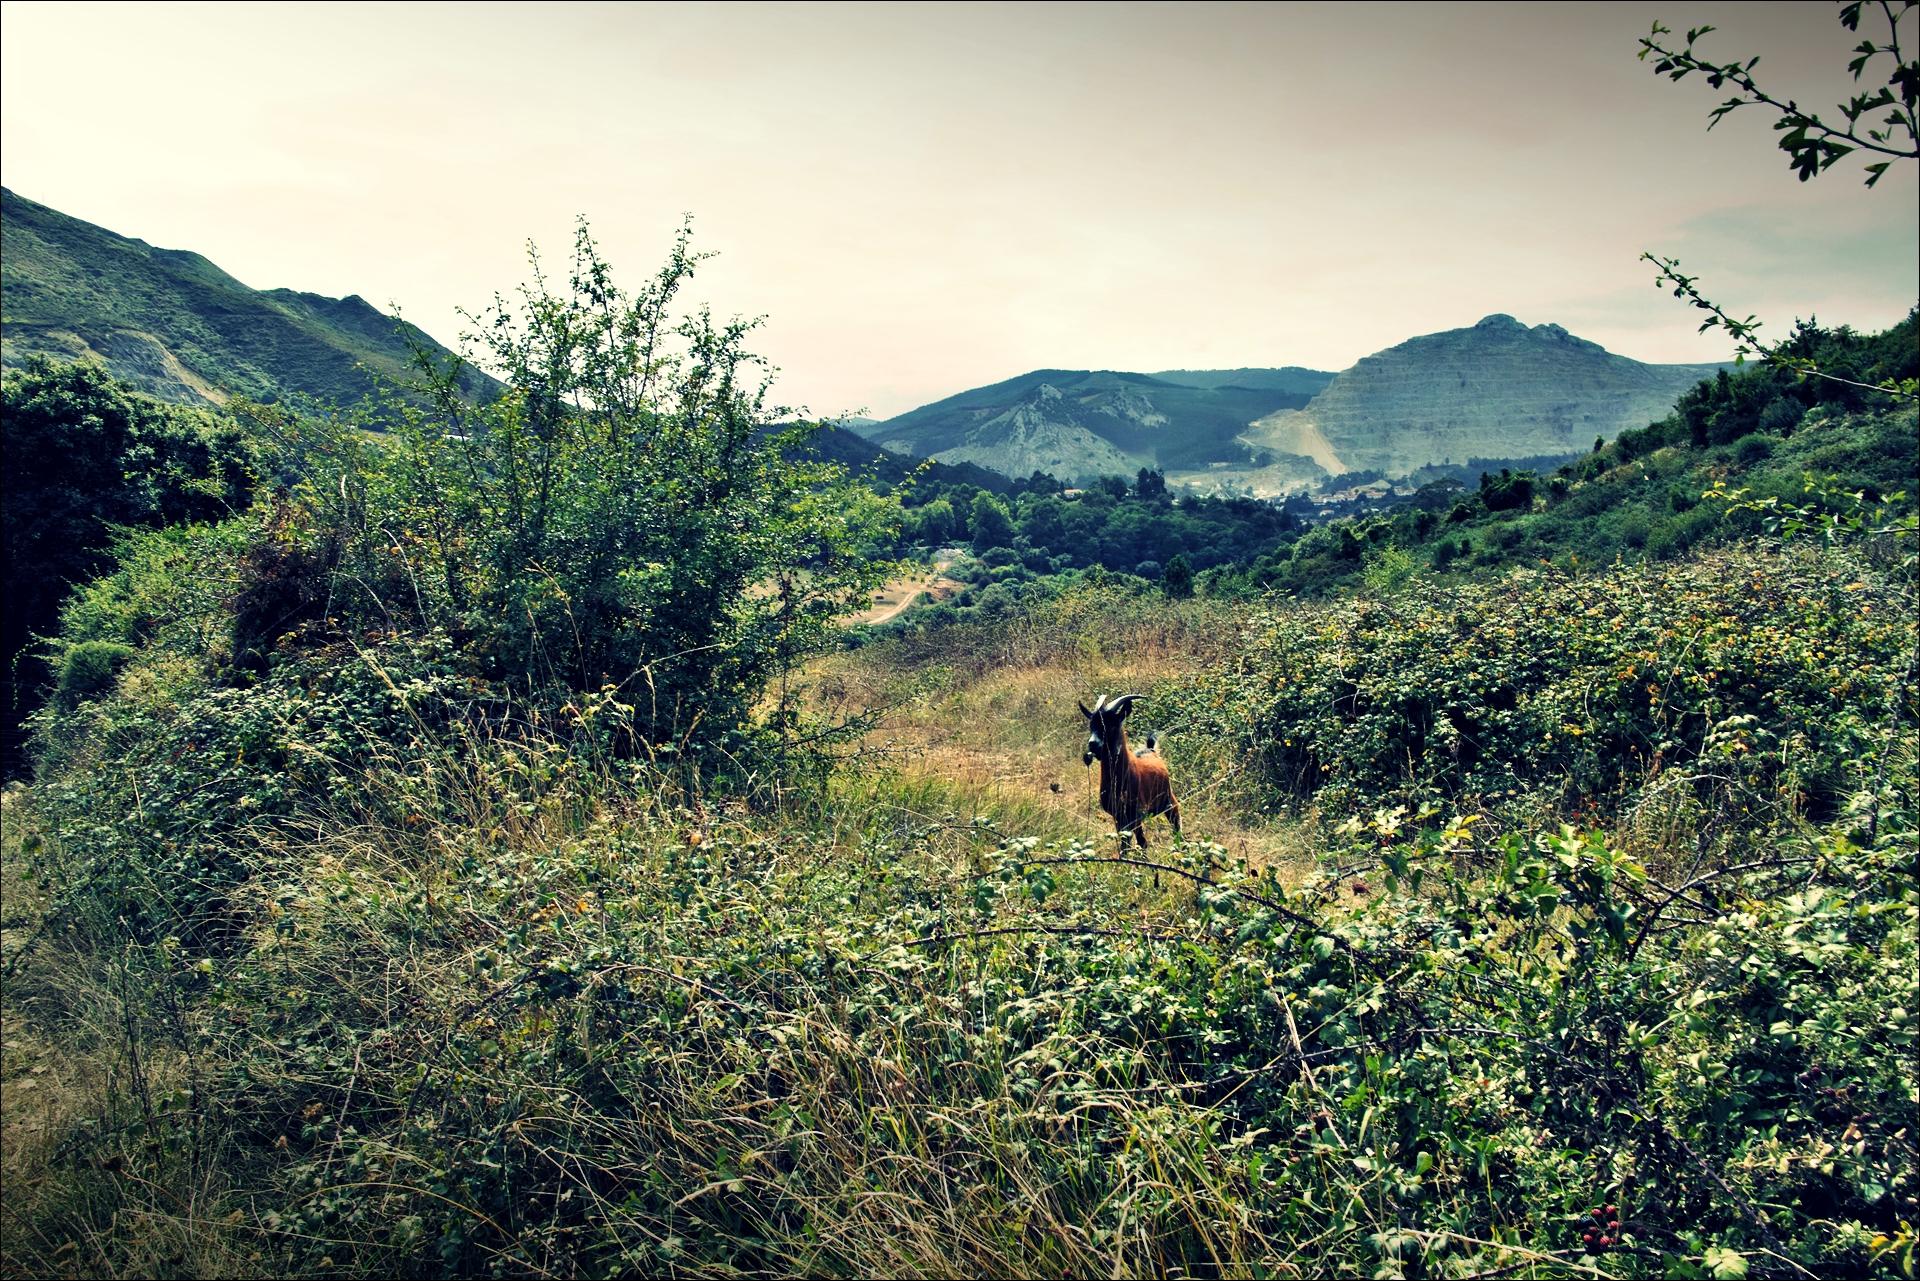 포베냐 염소-'카미노 데 산티아고 북쪽길을 걸으며. (Walking the Camino del Norte) '